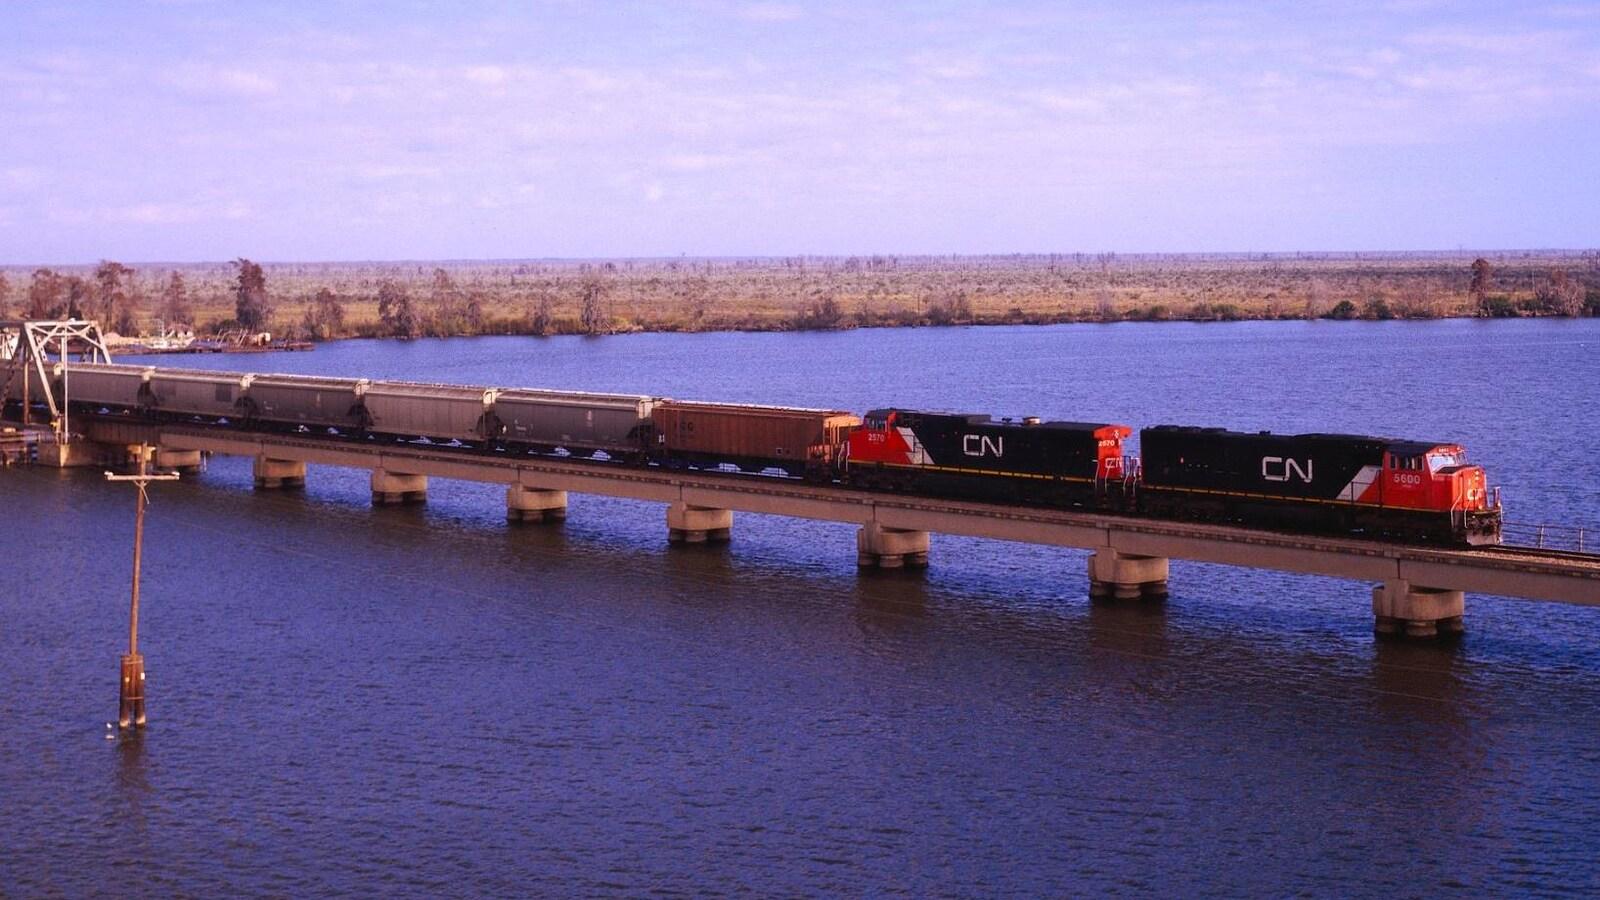 Les modifications à la Loi sur les transports au Canada permettront aux producteurs de grain d'avoir un droit d'arbitrage envers les transporteurs ferroviaires en cas de retards de livraison. Un train du Canadien National qui traverse un pont au-dessus de l'eau.